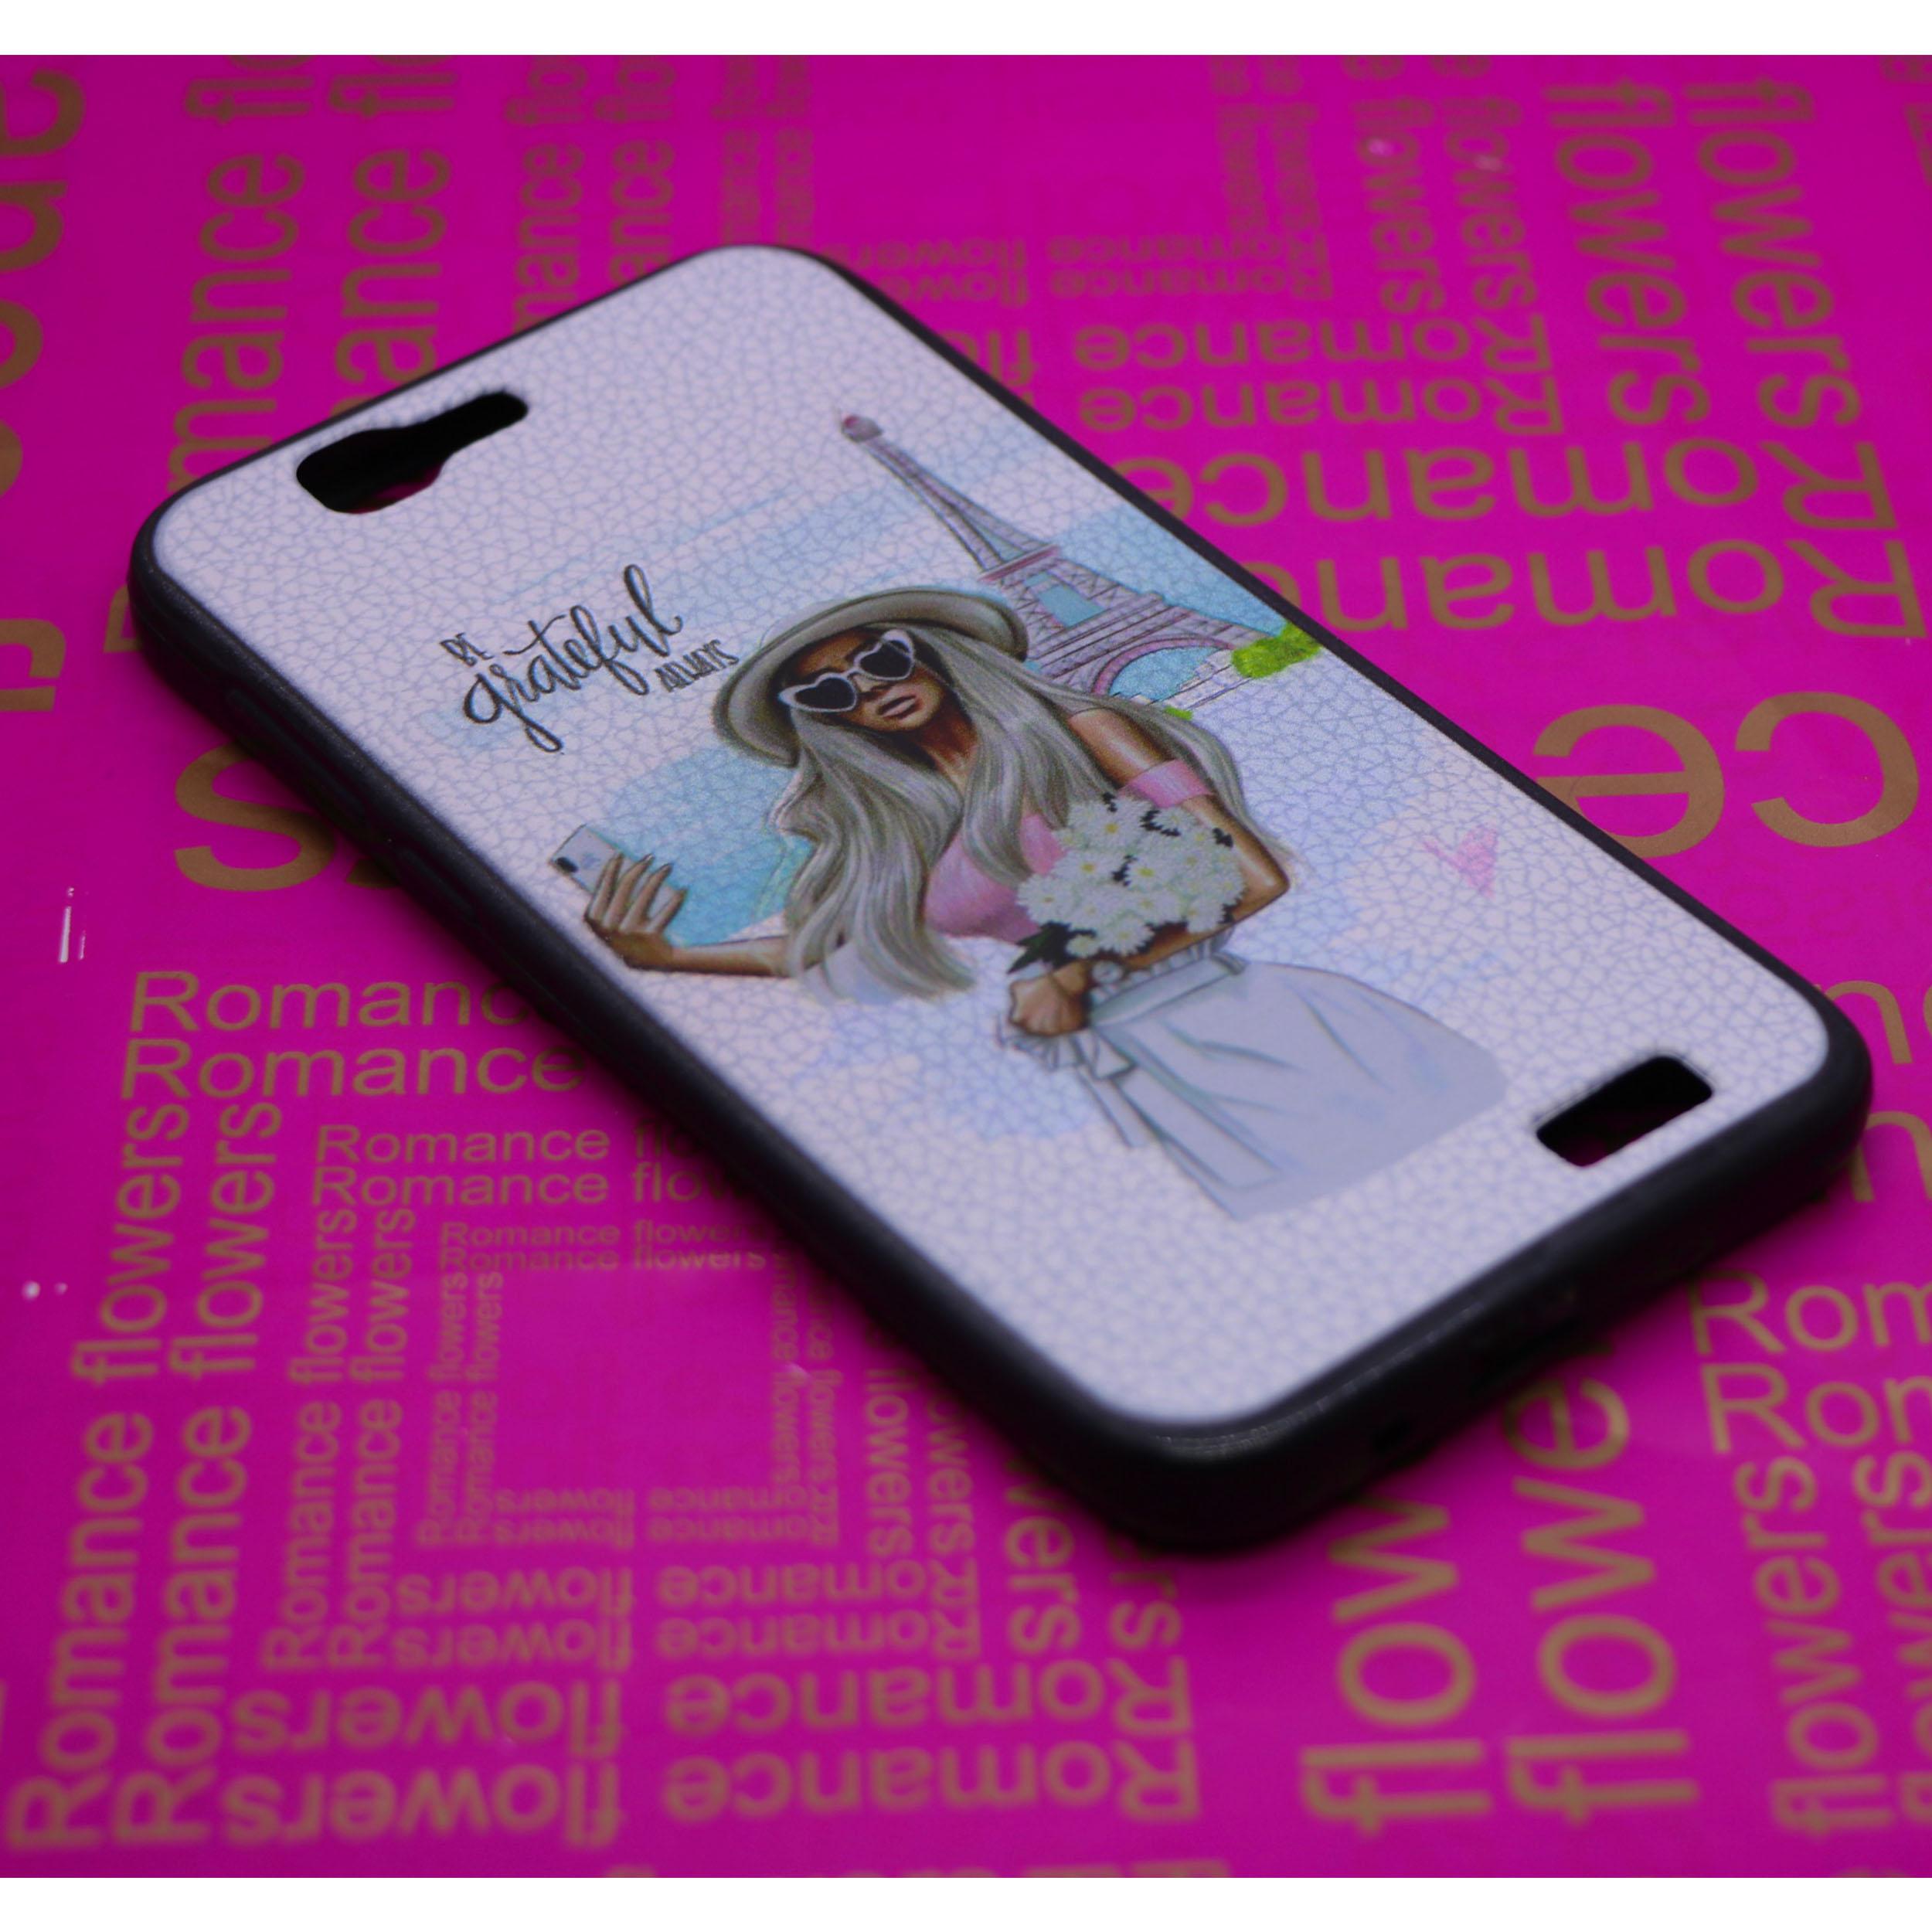 کاور طرح Girl & Cell مدل T-01 مناسب برای گوشی موبایل هوآوی G7 thumb 2 2